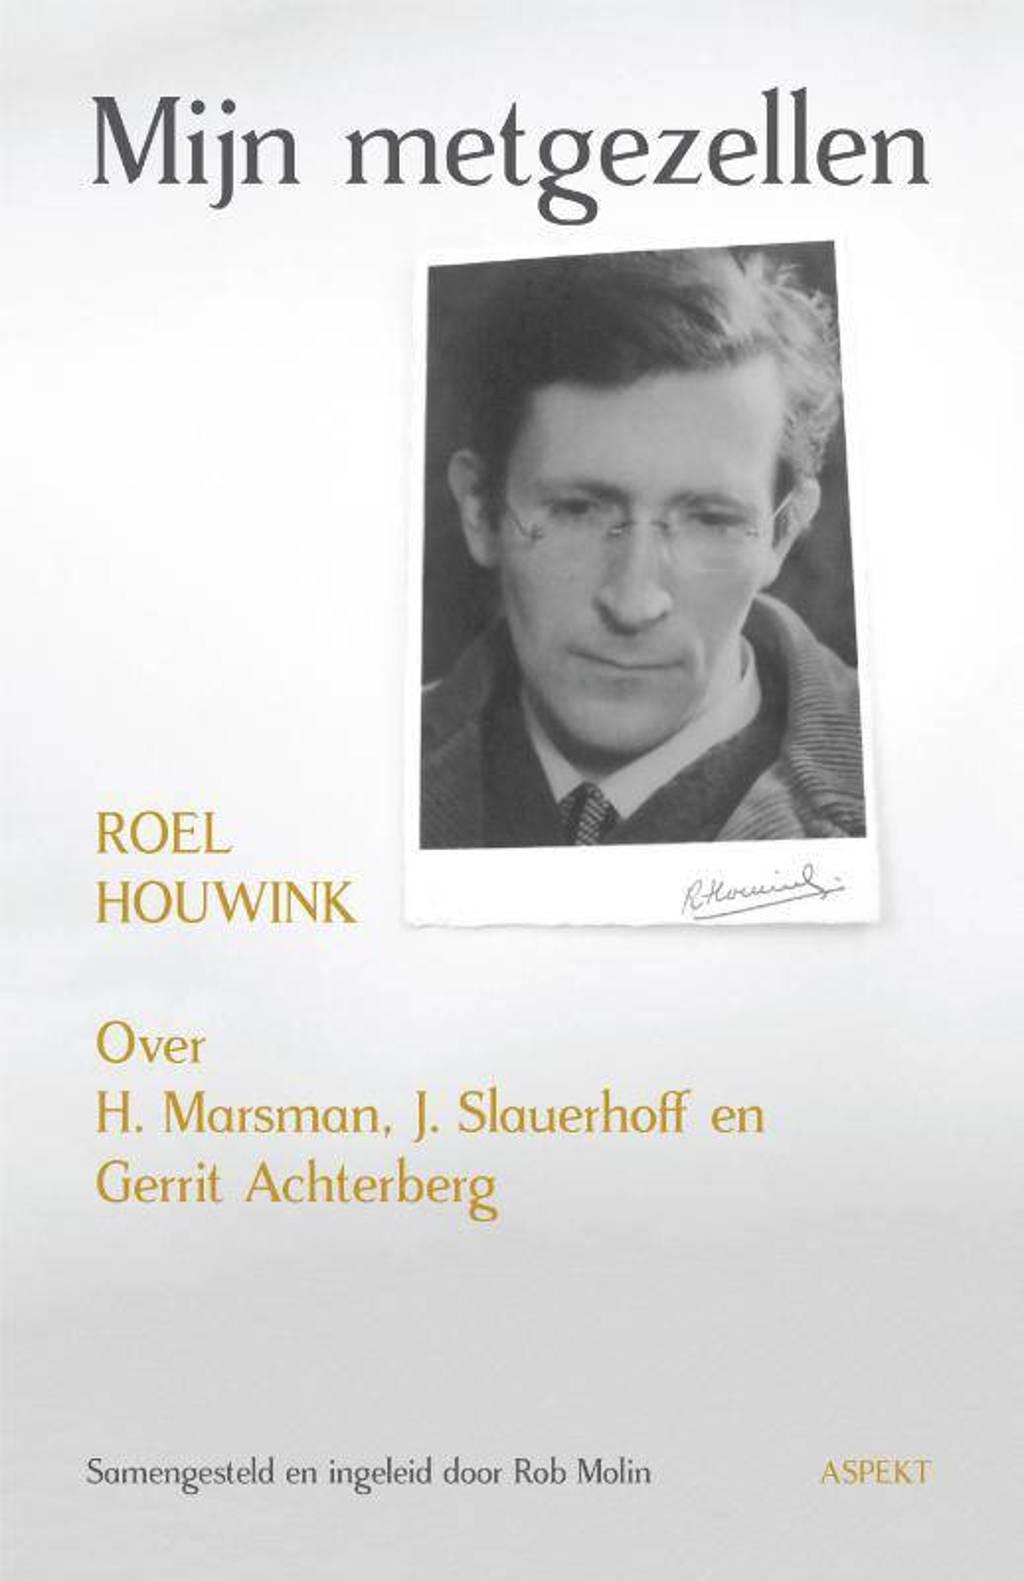 Mijn metgezellen - Roel Houwink